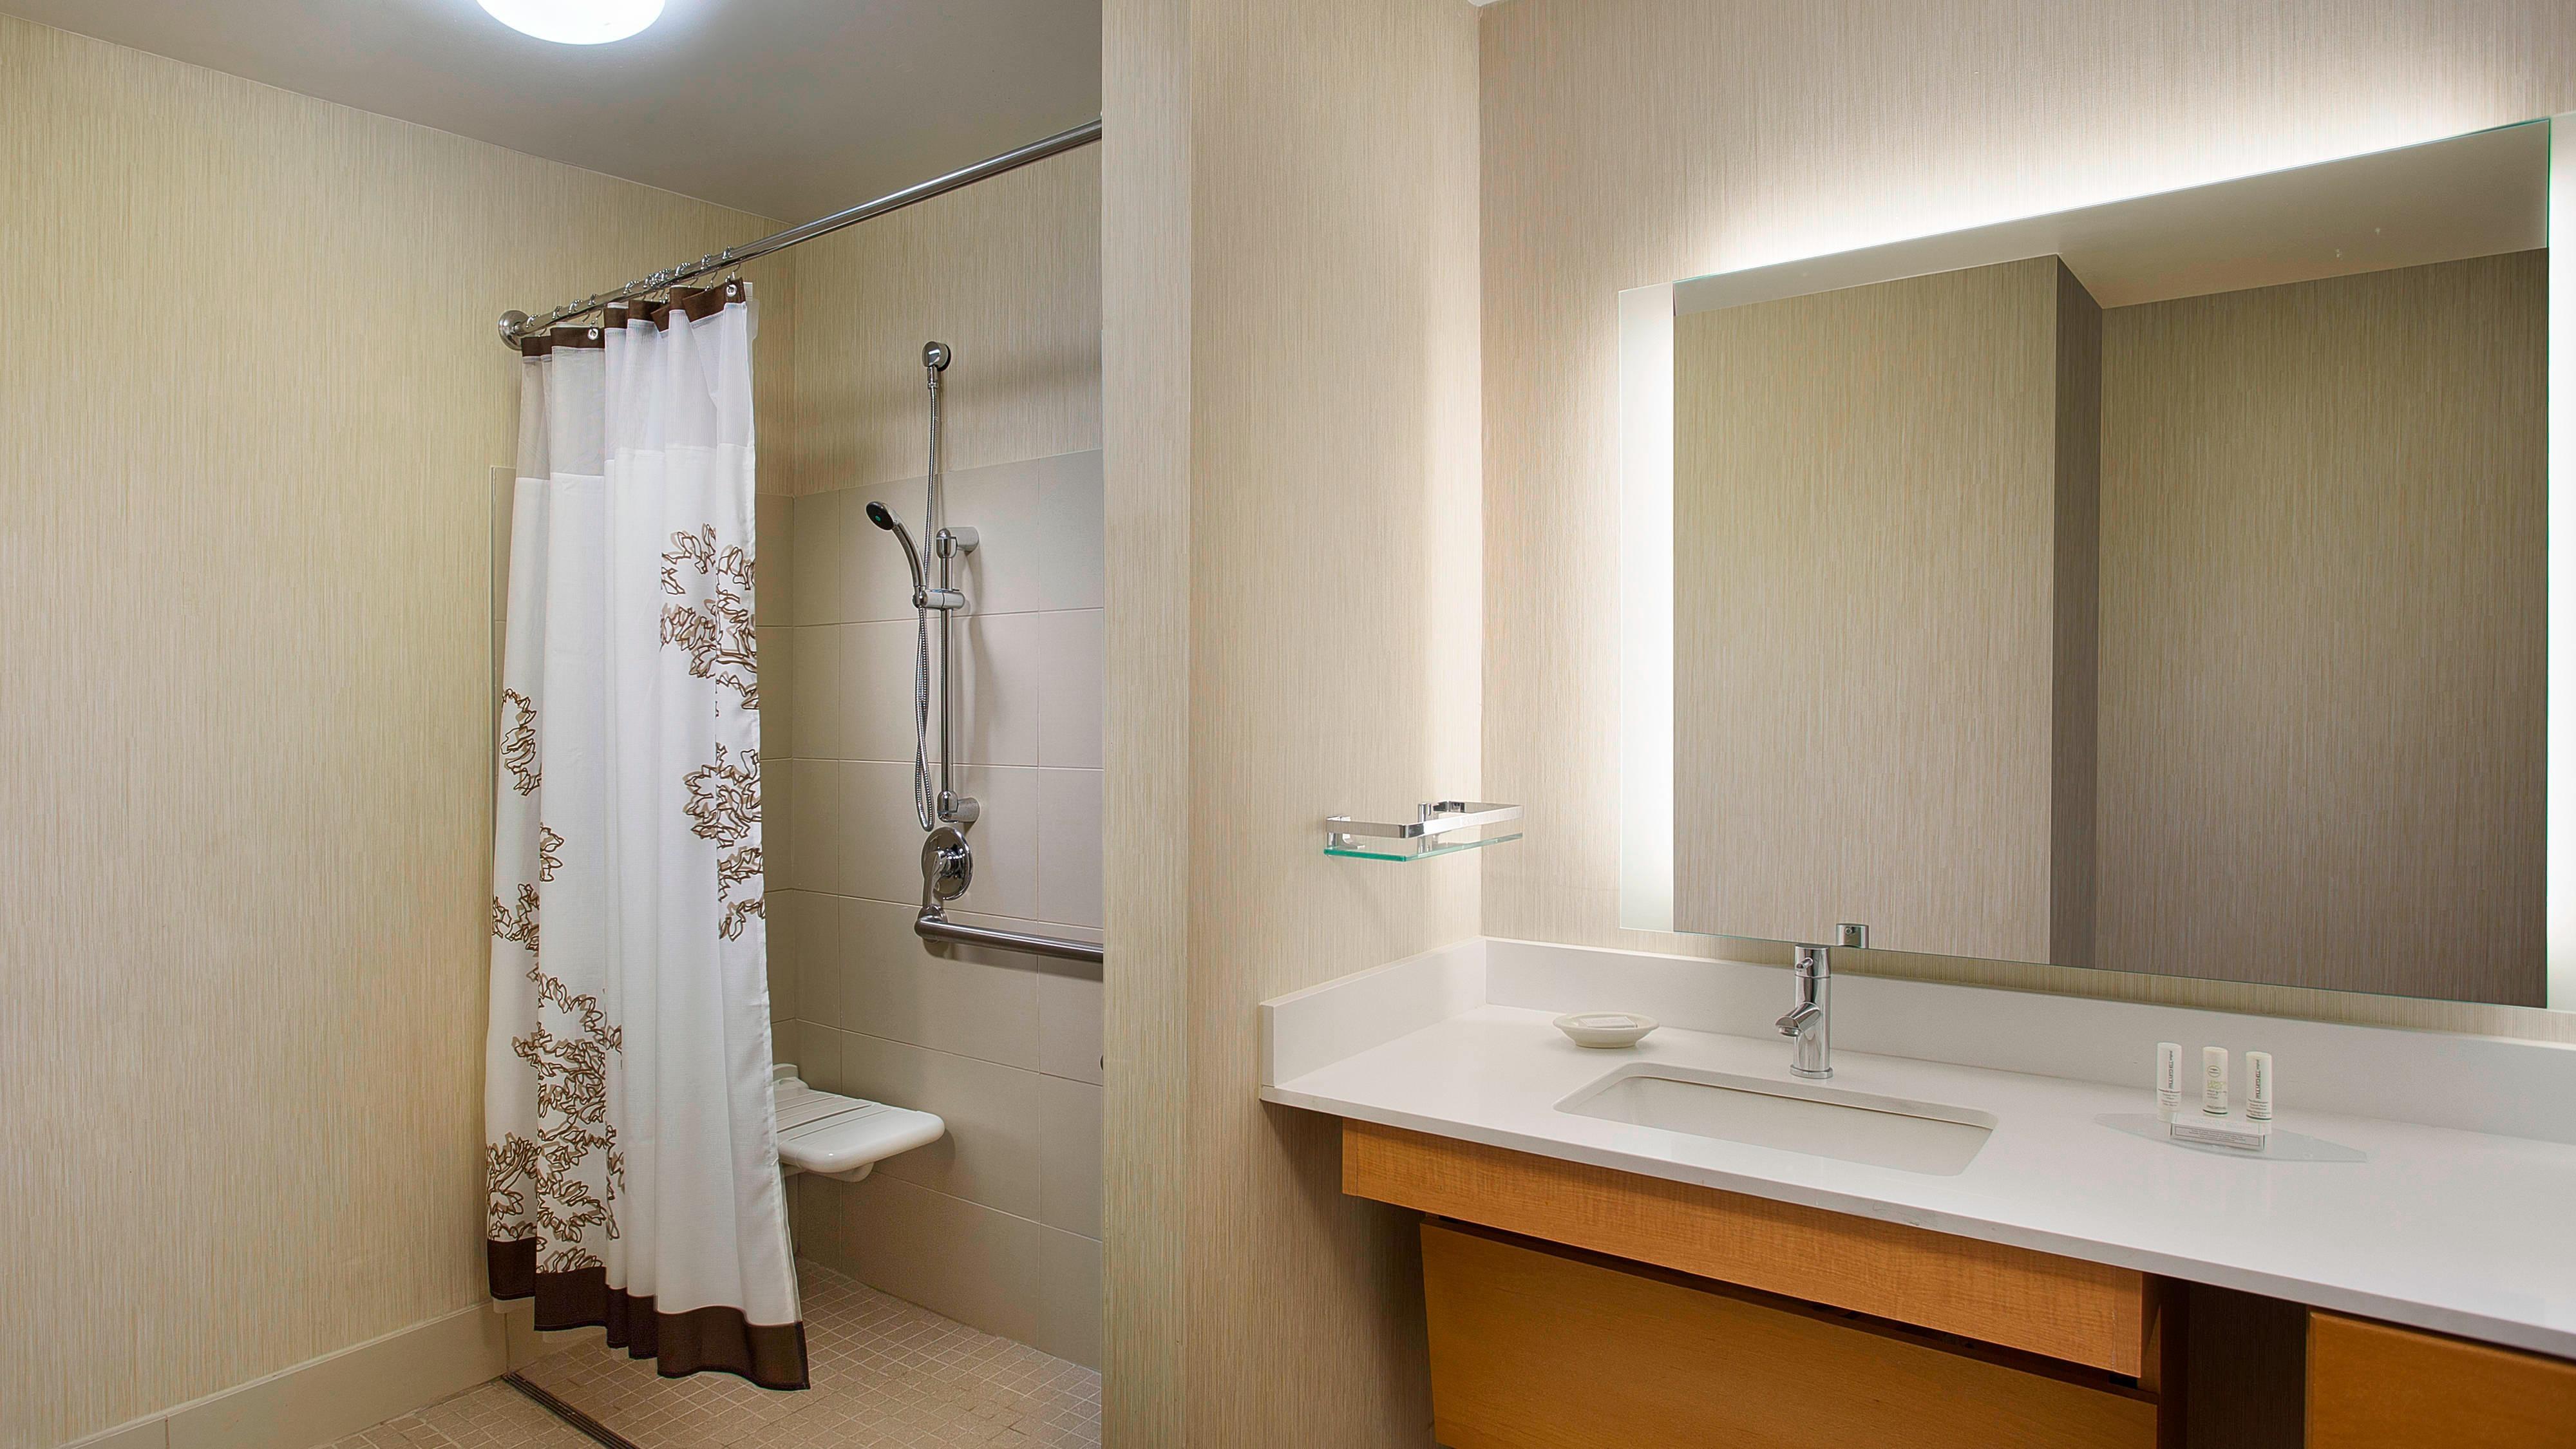 Bad der behindertengerechten Suite in Novi